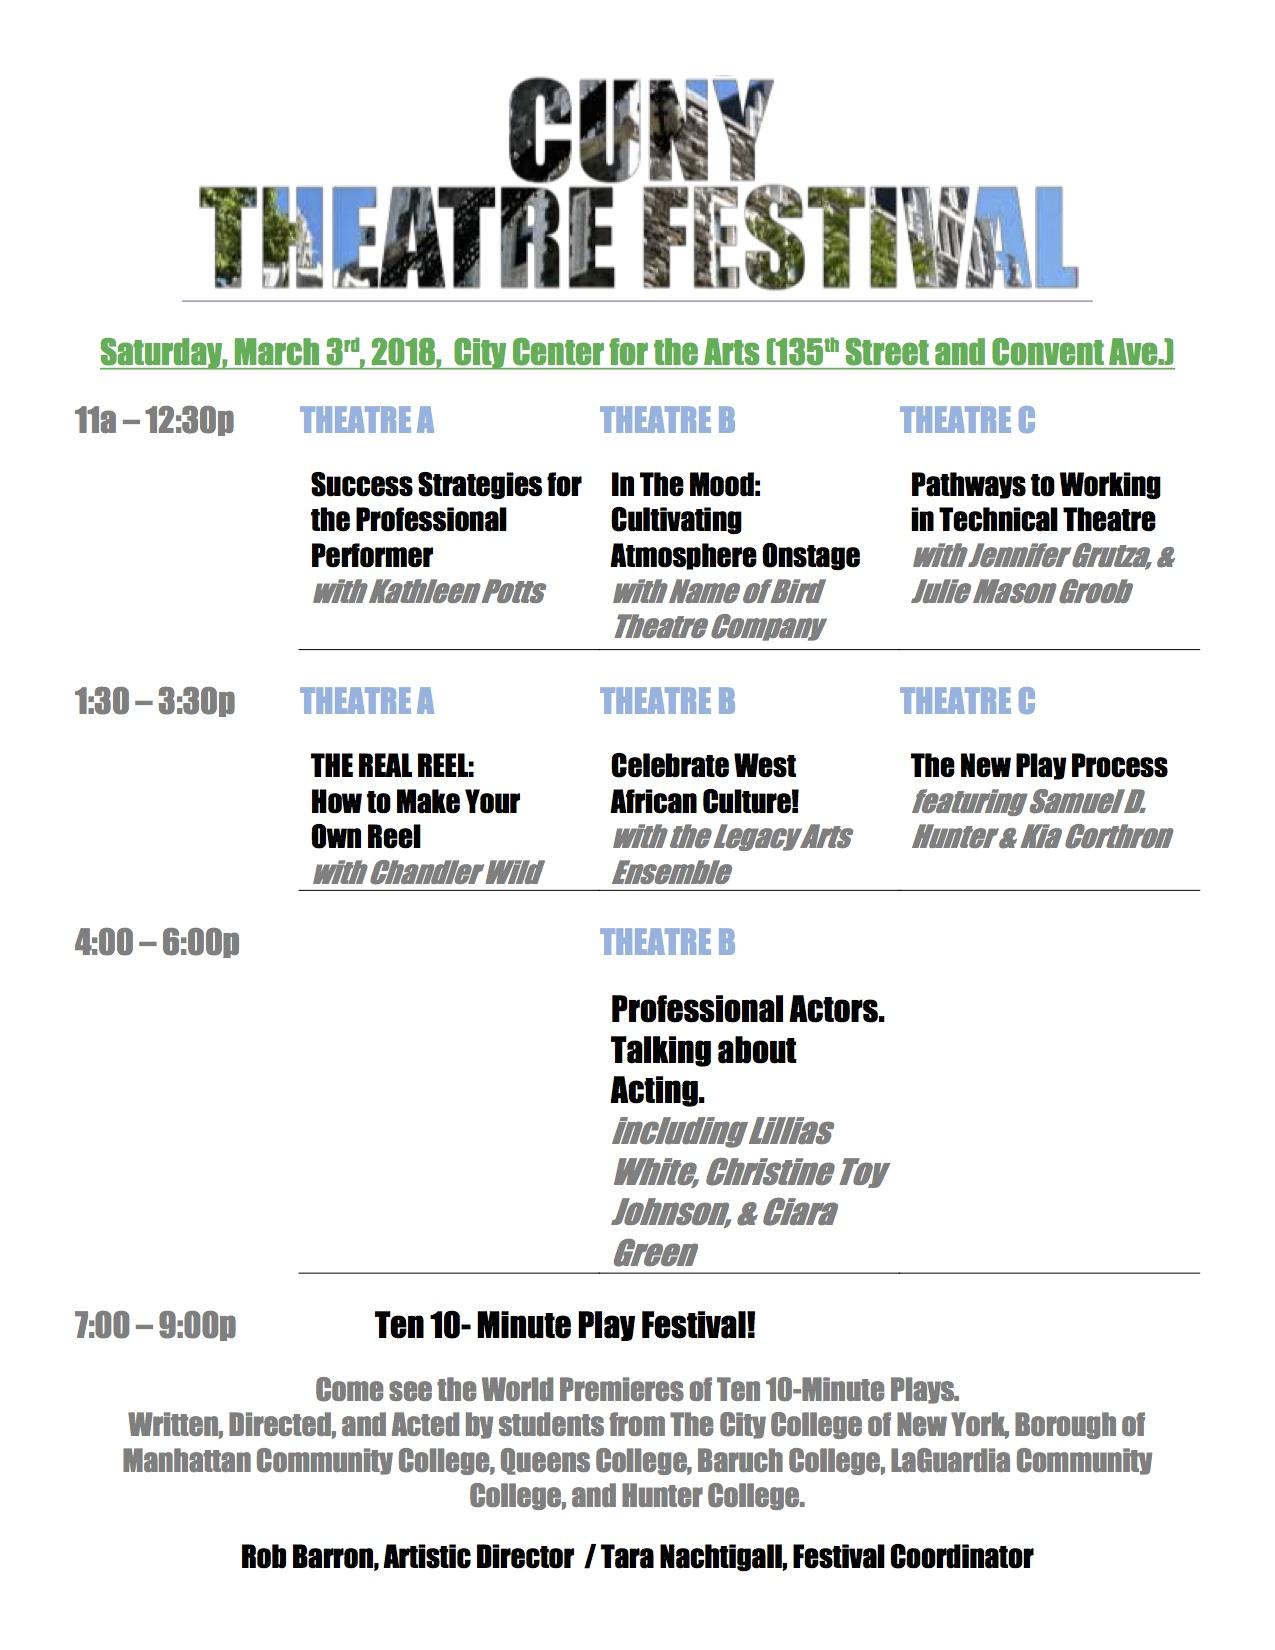 CUNY Theatre Festival 2018